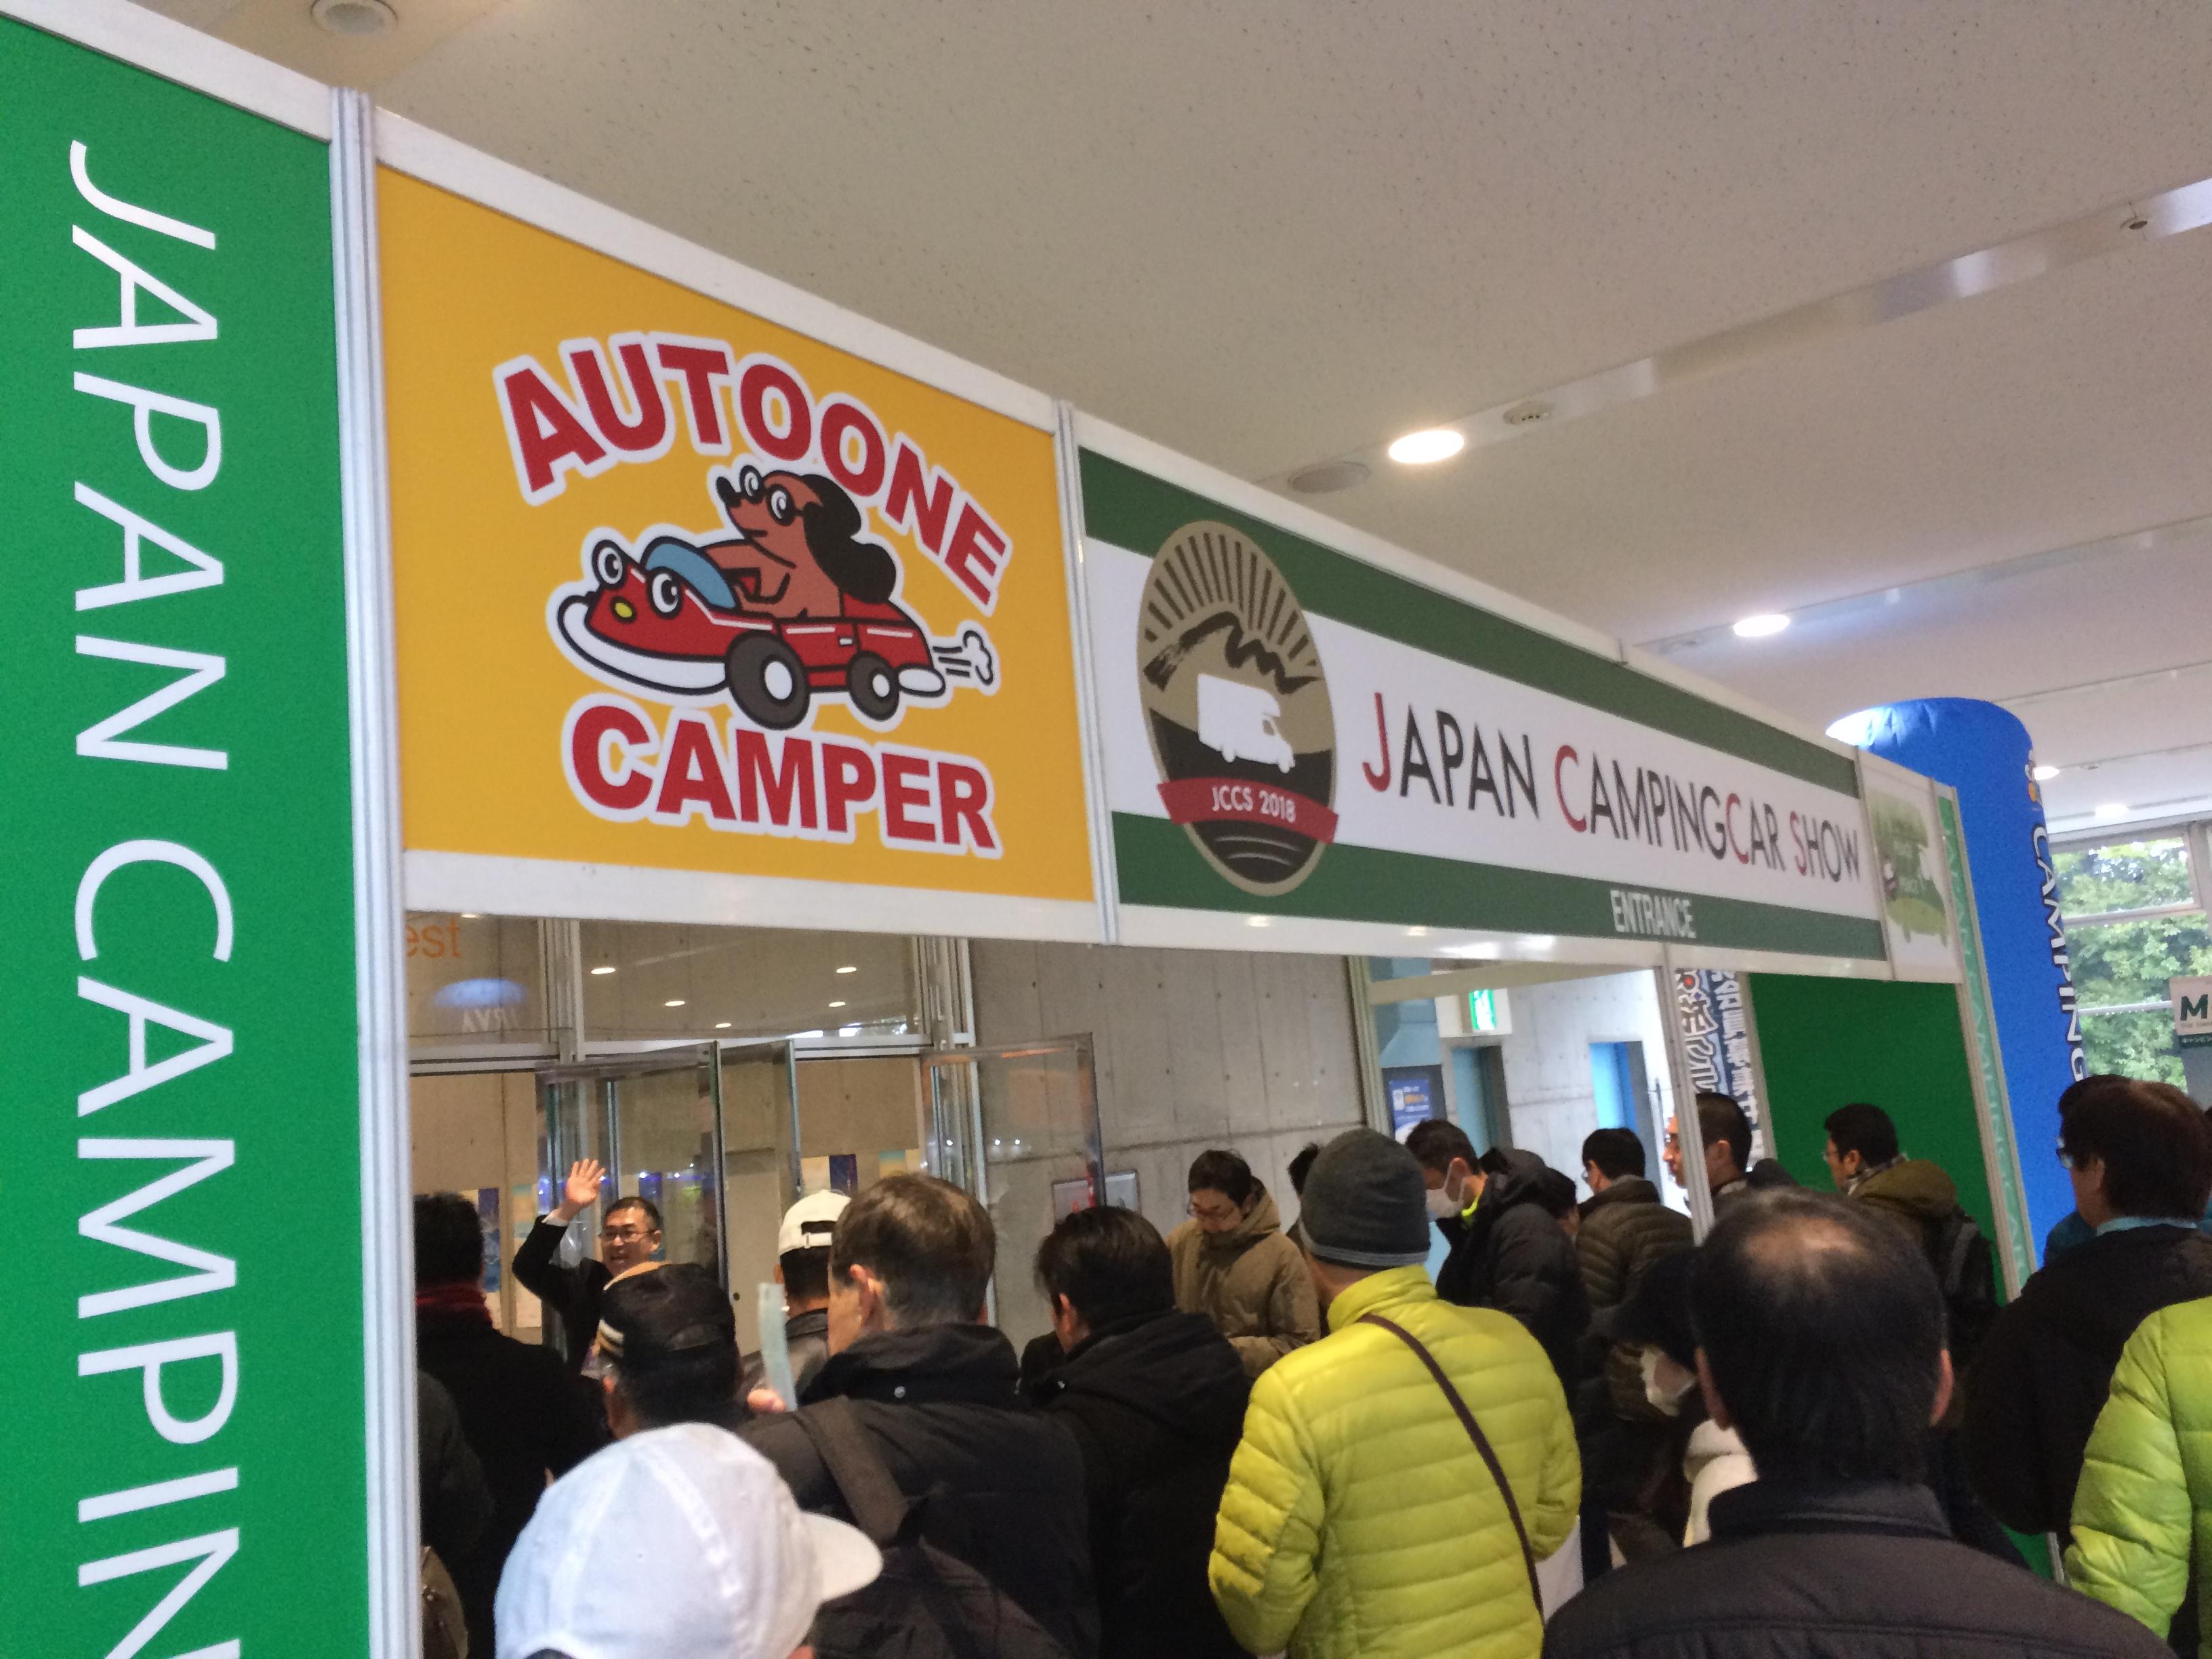 ジャパン キャンピングカー ショー